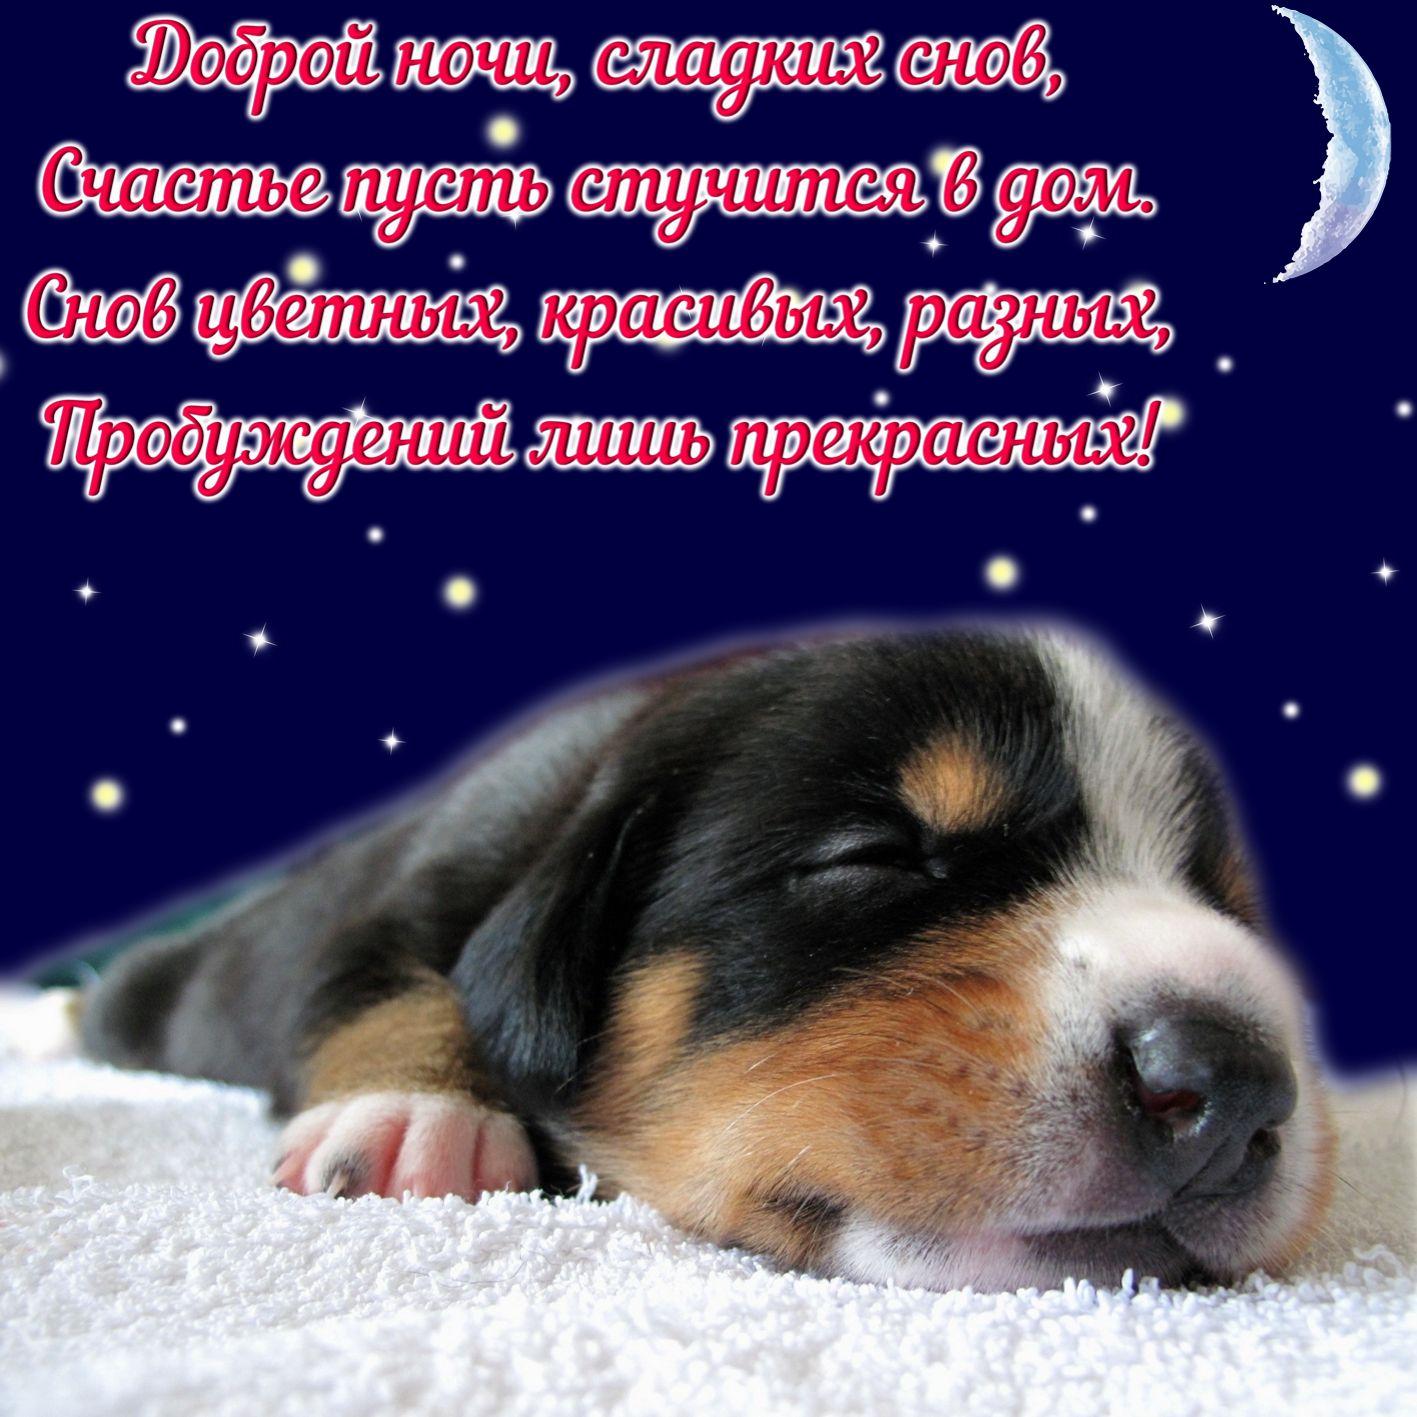 Симпатичный пёсик и пожелание сладких снов